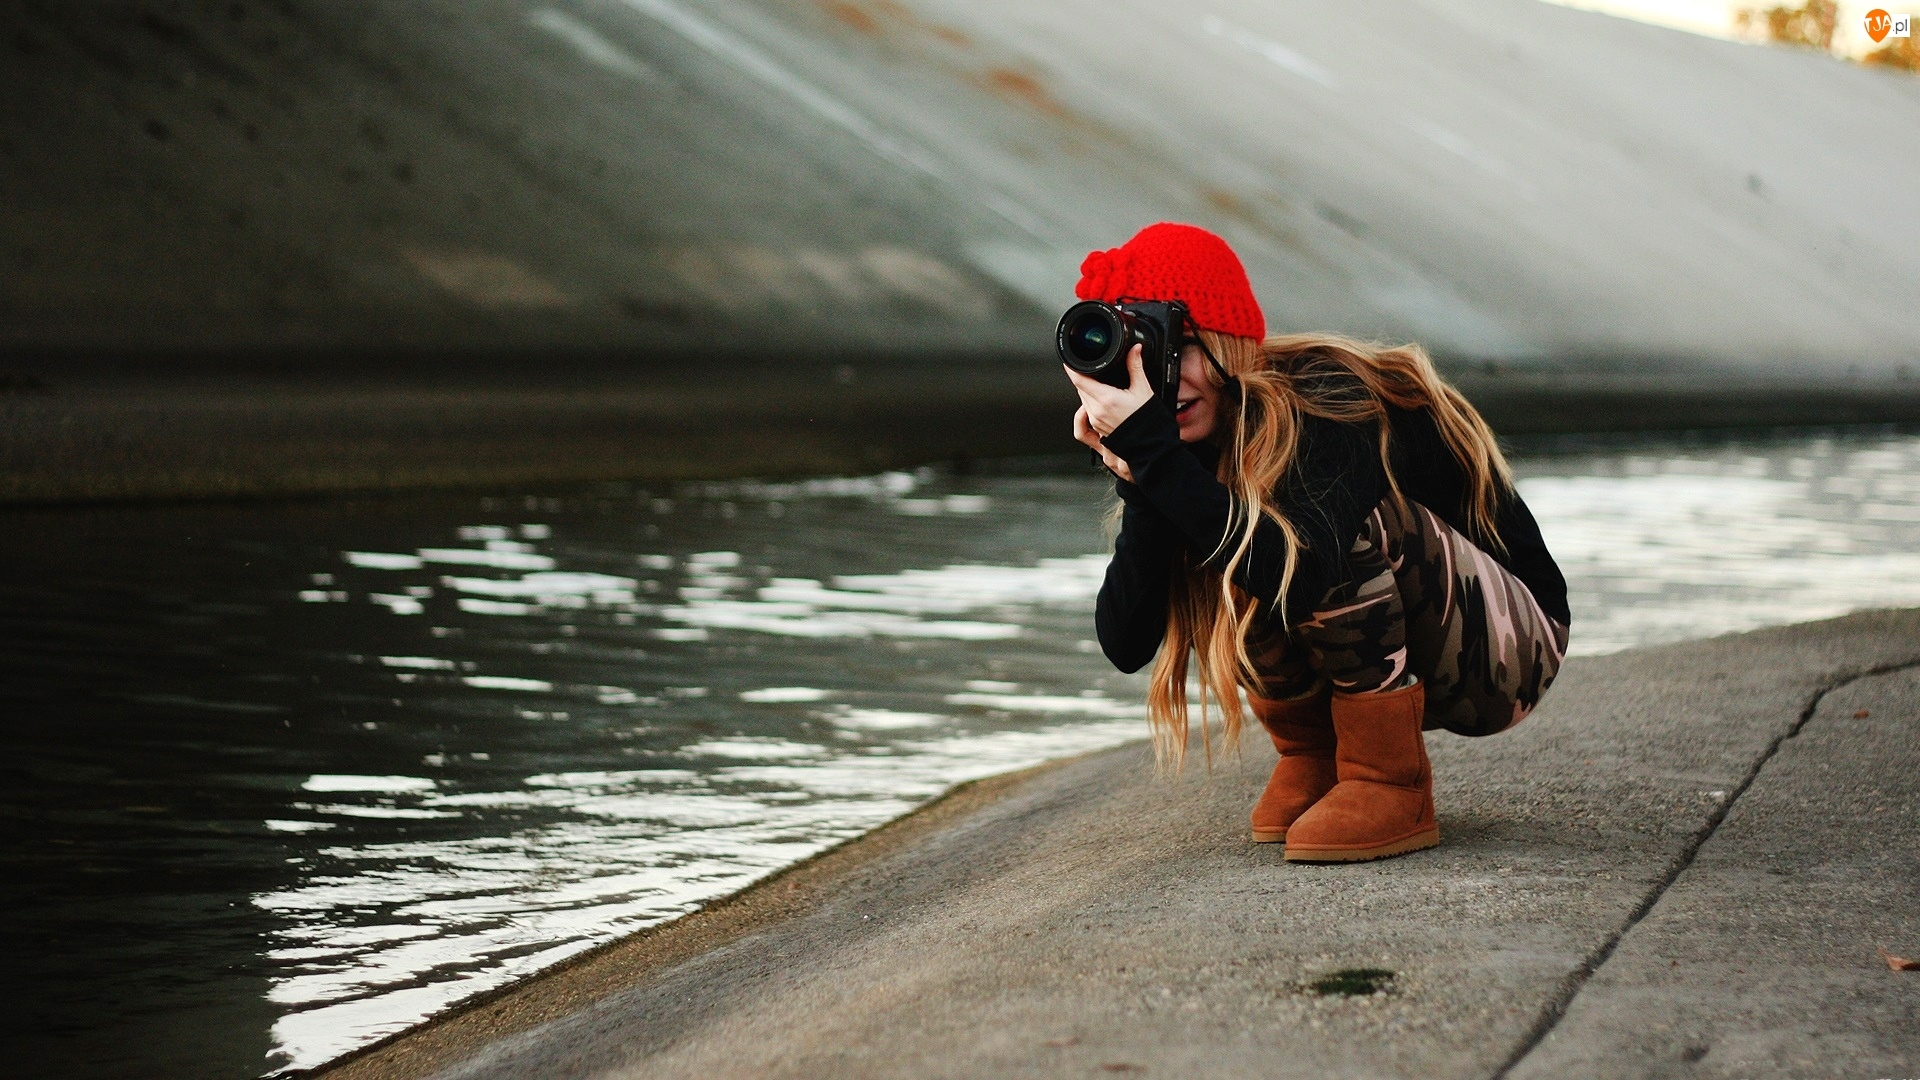 Rzeka, Dziewczyna, Aparat